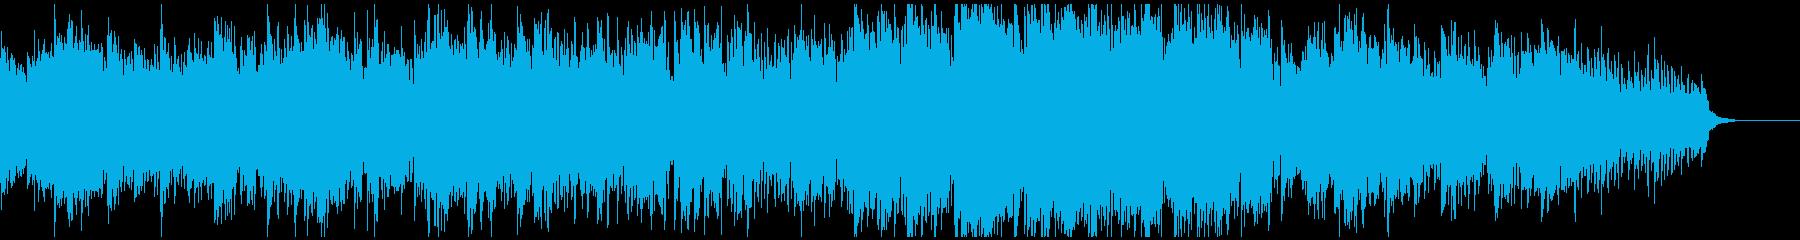 幽玄な和風エレクトロニカ 篠笛生演奏入りの再生済みの波形